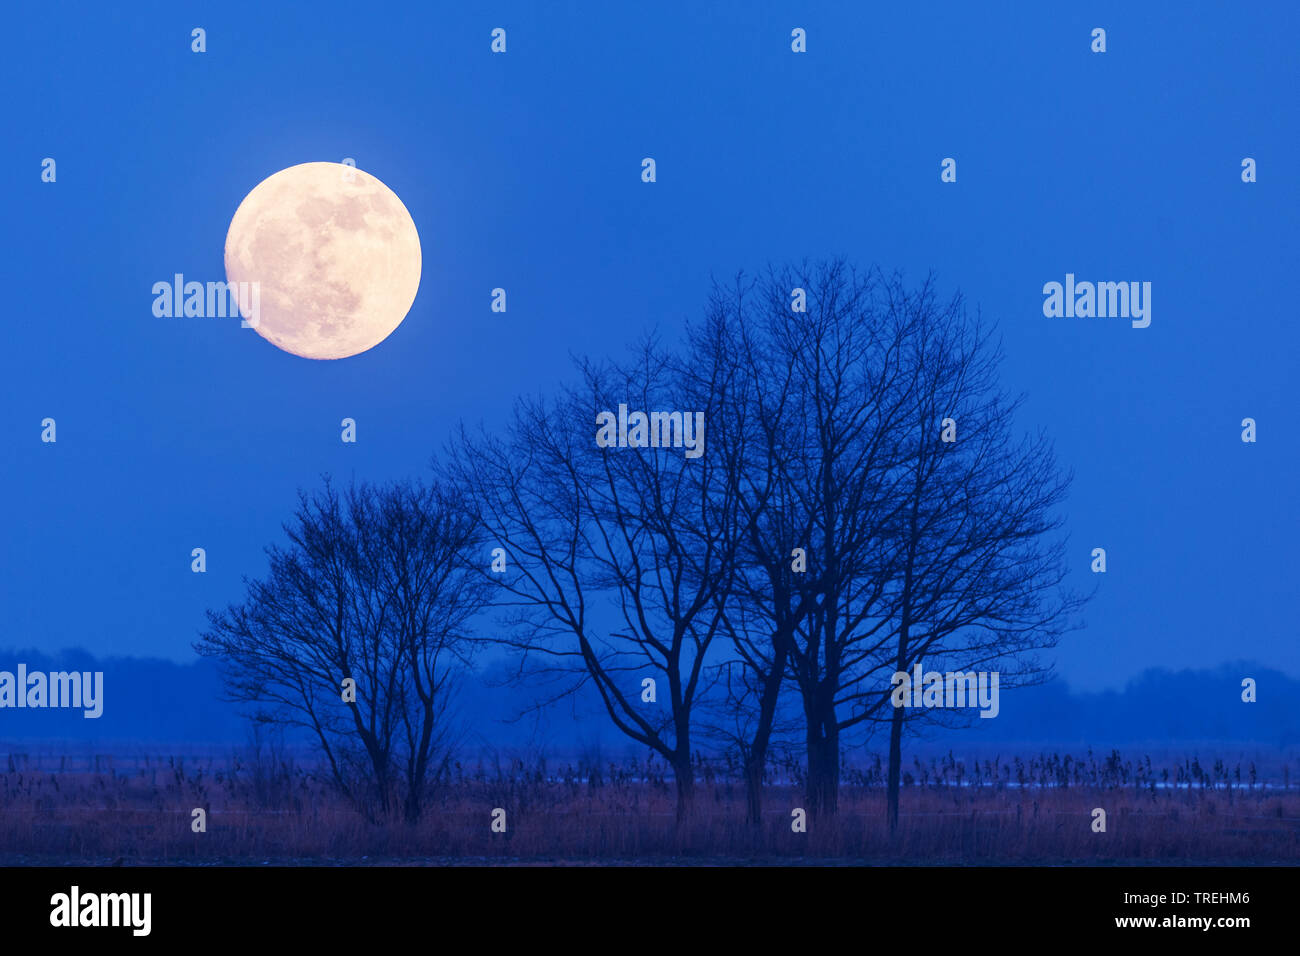 Vollmond ueber dem Duemmer See, Deutschland, Niedersachsen, Oldenburger Muensterland, Duemmerlohhausen   full moon over lake Duemmer, Germany, Lower S - Stock Image